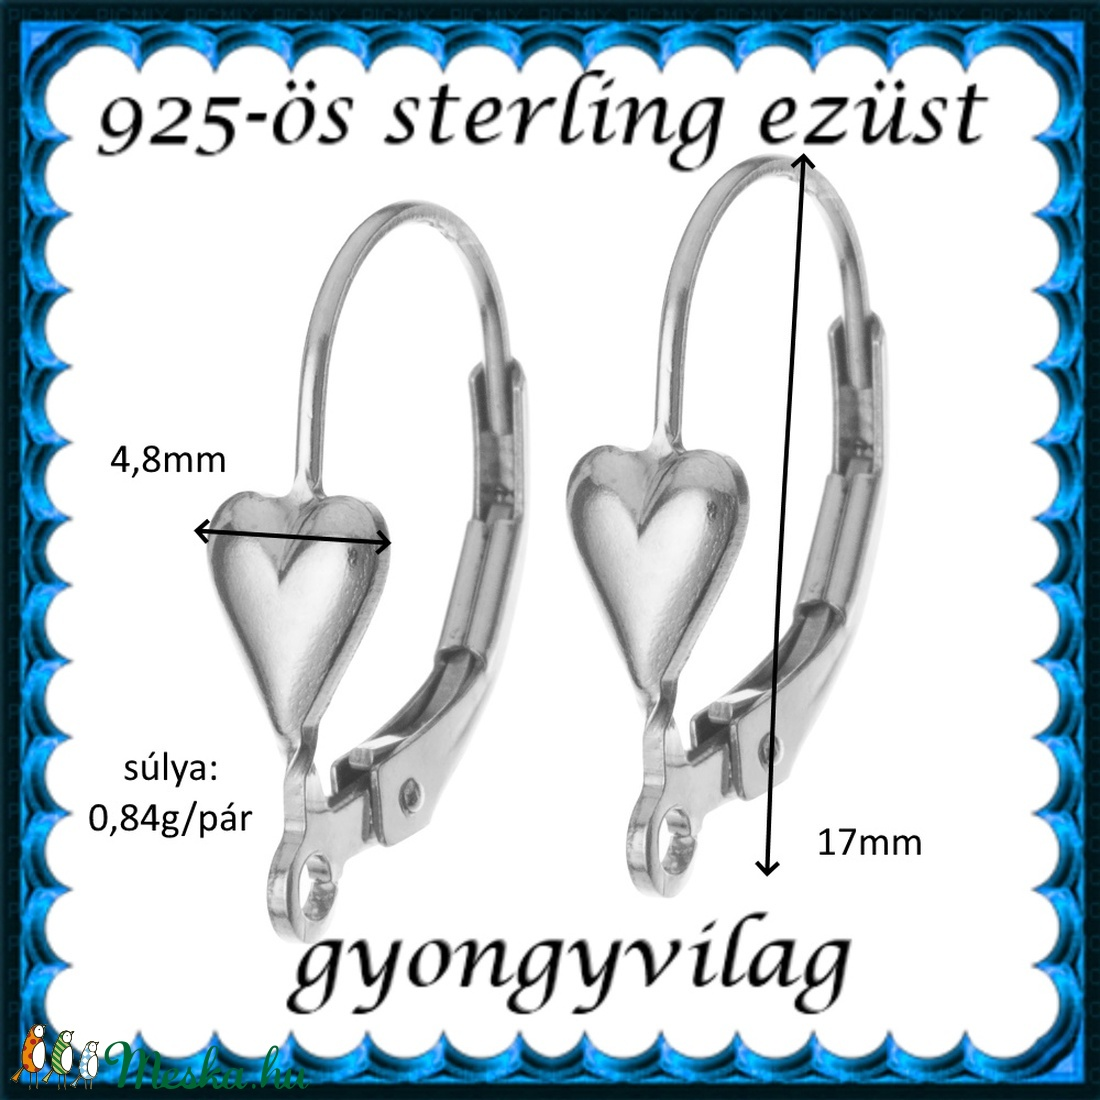 925-ös sterling ezüst ékszerkellék: fülbevalóalap biztonsági kapoccsal EFK K 38 - gyöngy, ékszerkellék - egyéb alkatrész - Meska.hu